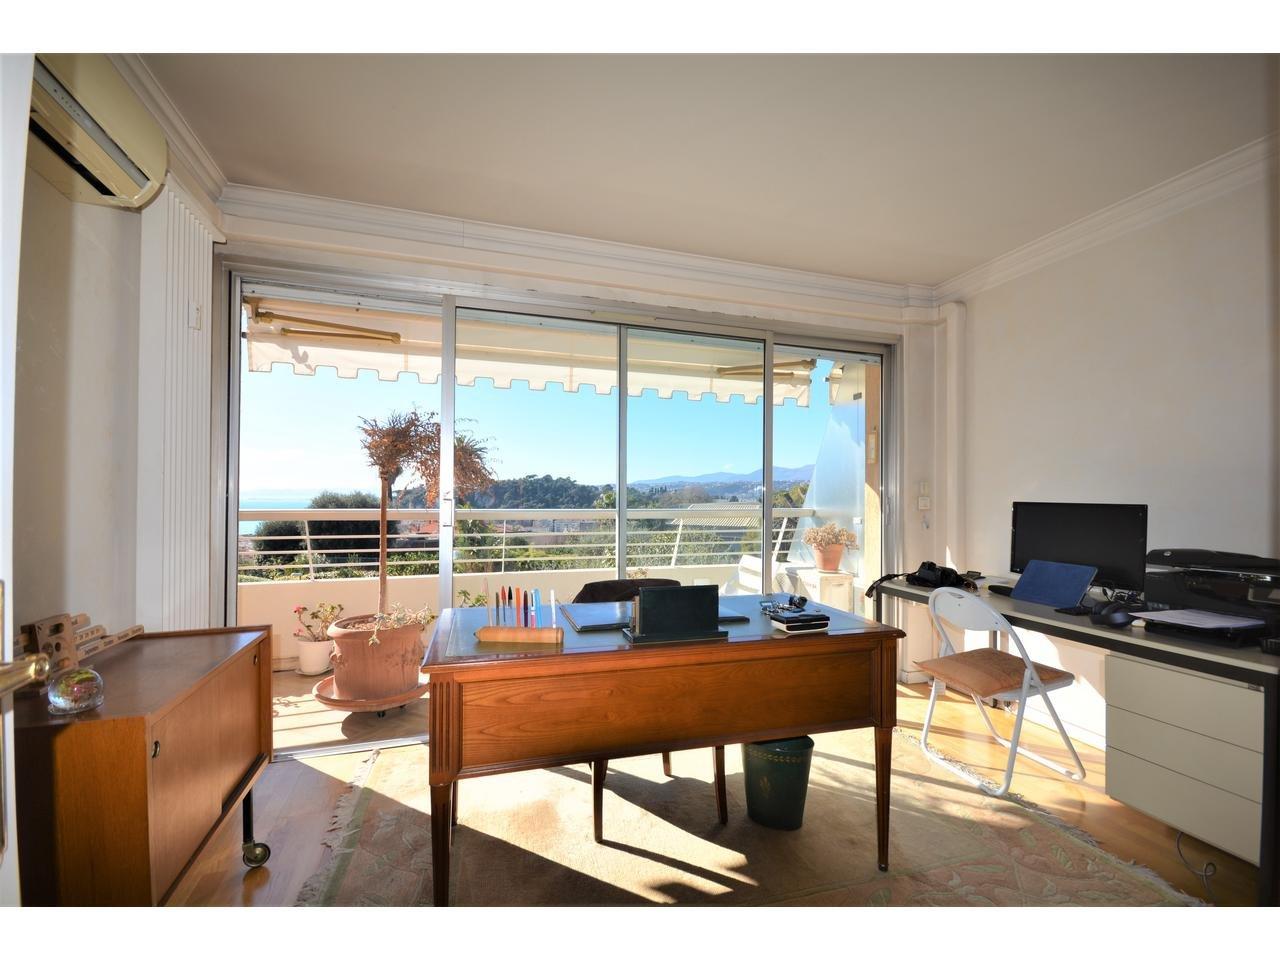 Lägenhet med havsutsikt, stor terrass och balkong